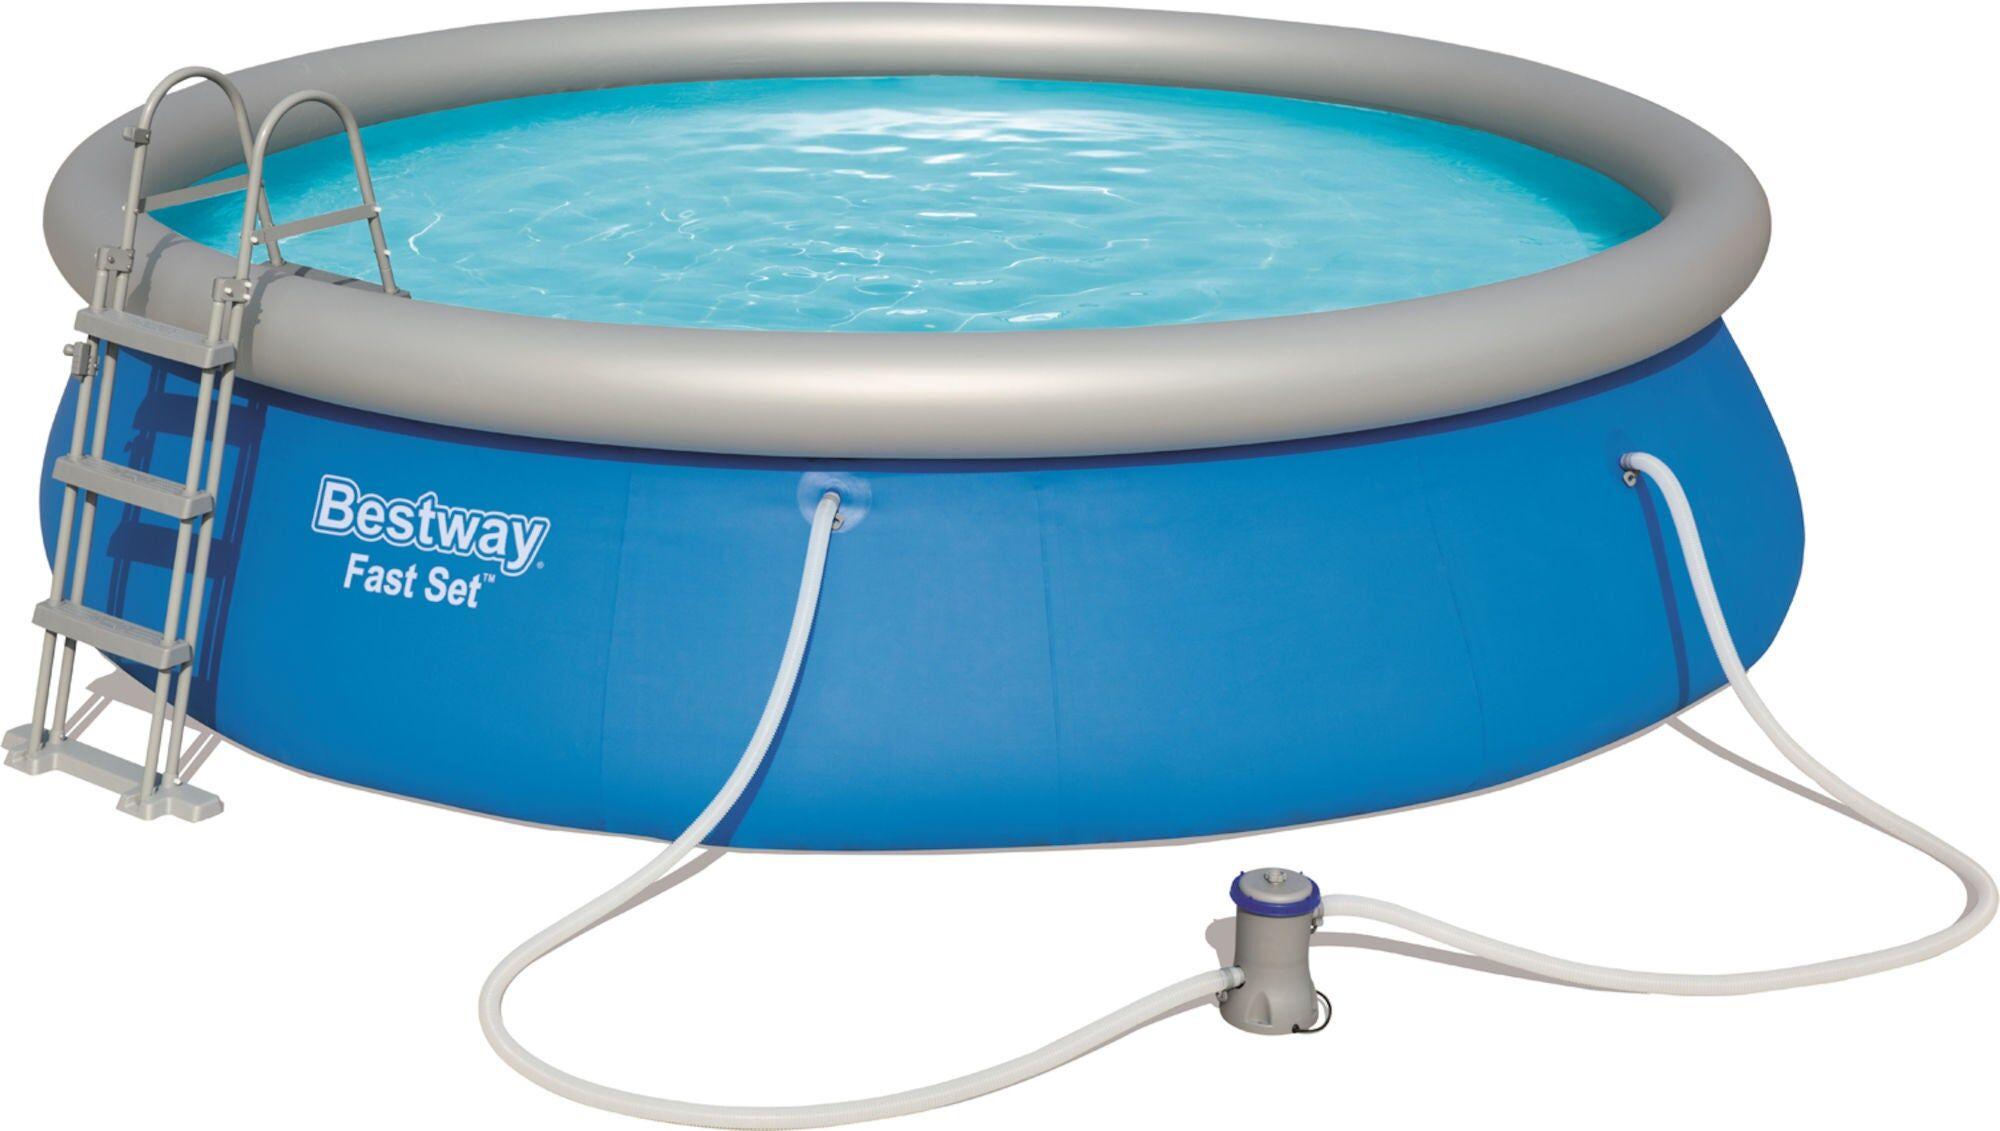 Bestway Fast Set Pool  med Tilbehør Ø457